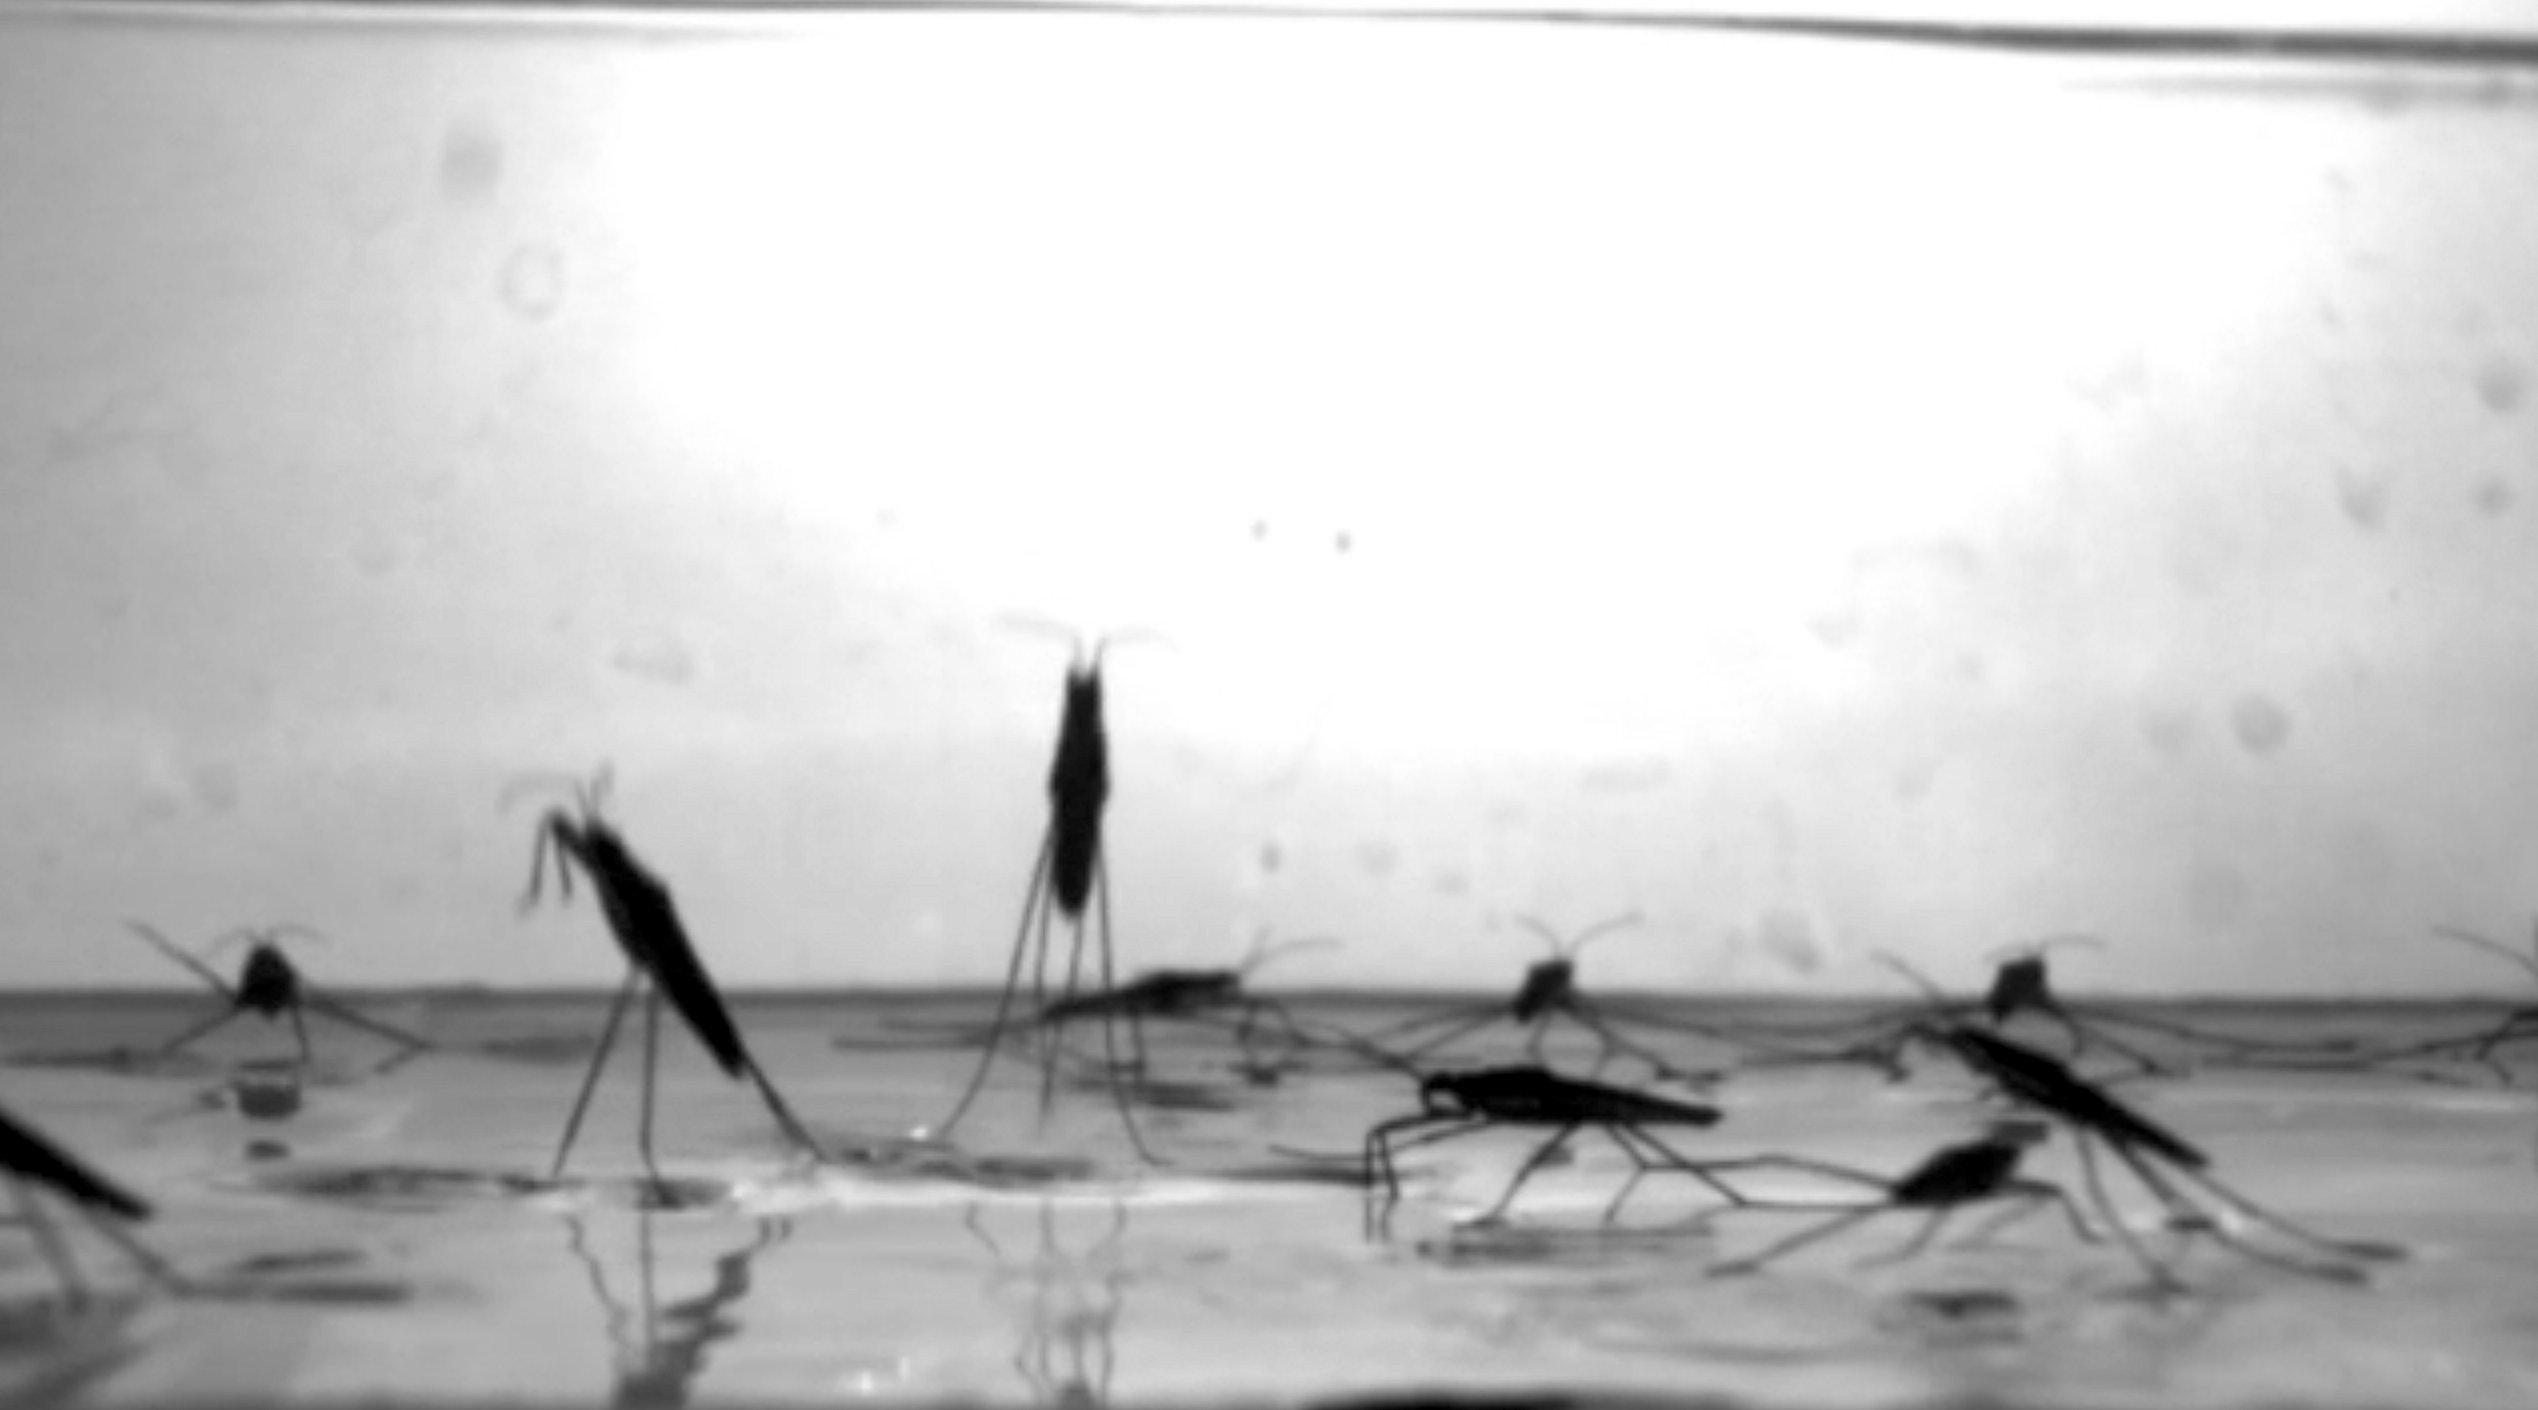 Die Sprungbewegungen der Wasserläufer haben die Ingenieure mit einer Hochleistungskamera beobachtet, um eine entsprechende Mechanik nachbauen zu können.